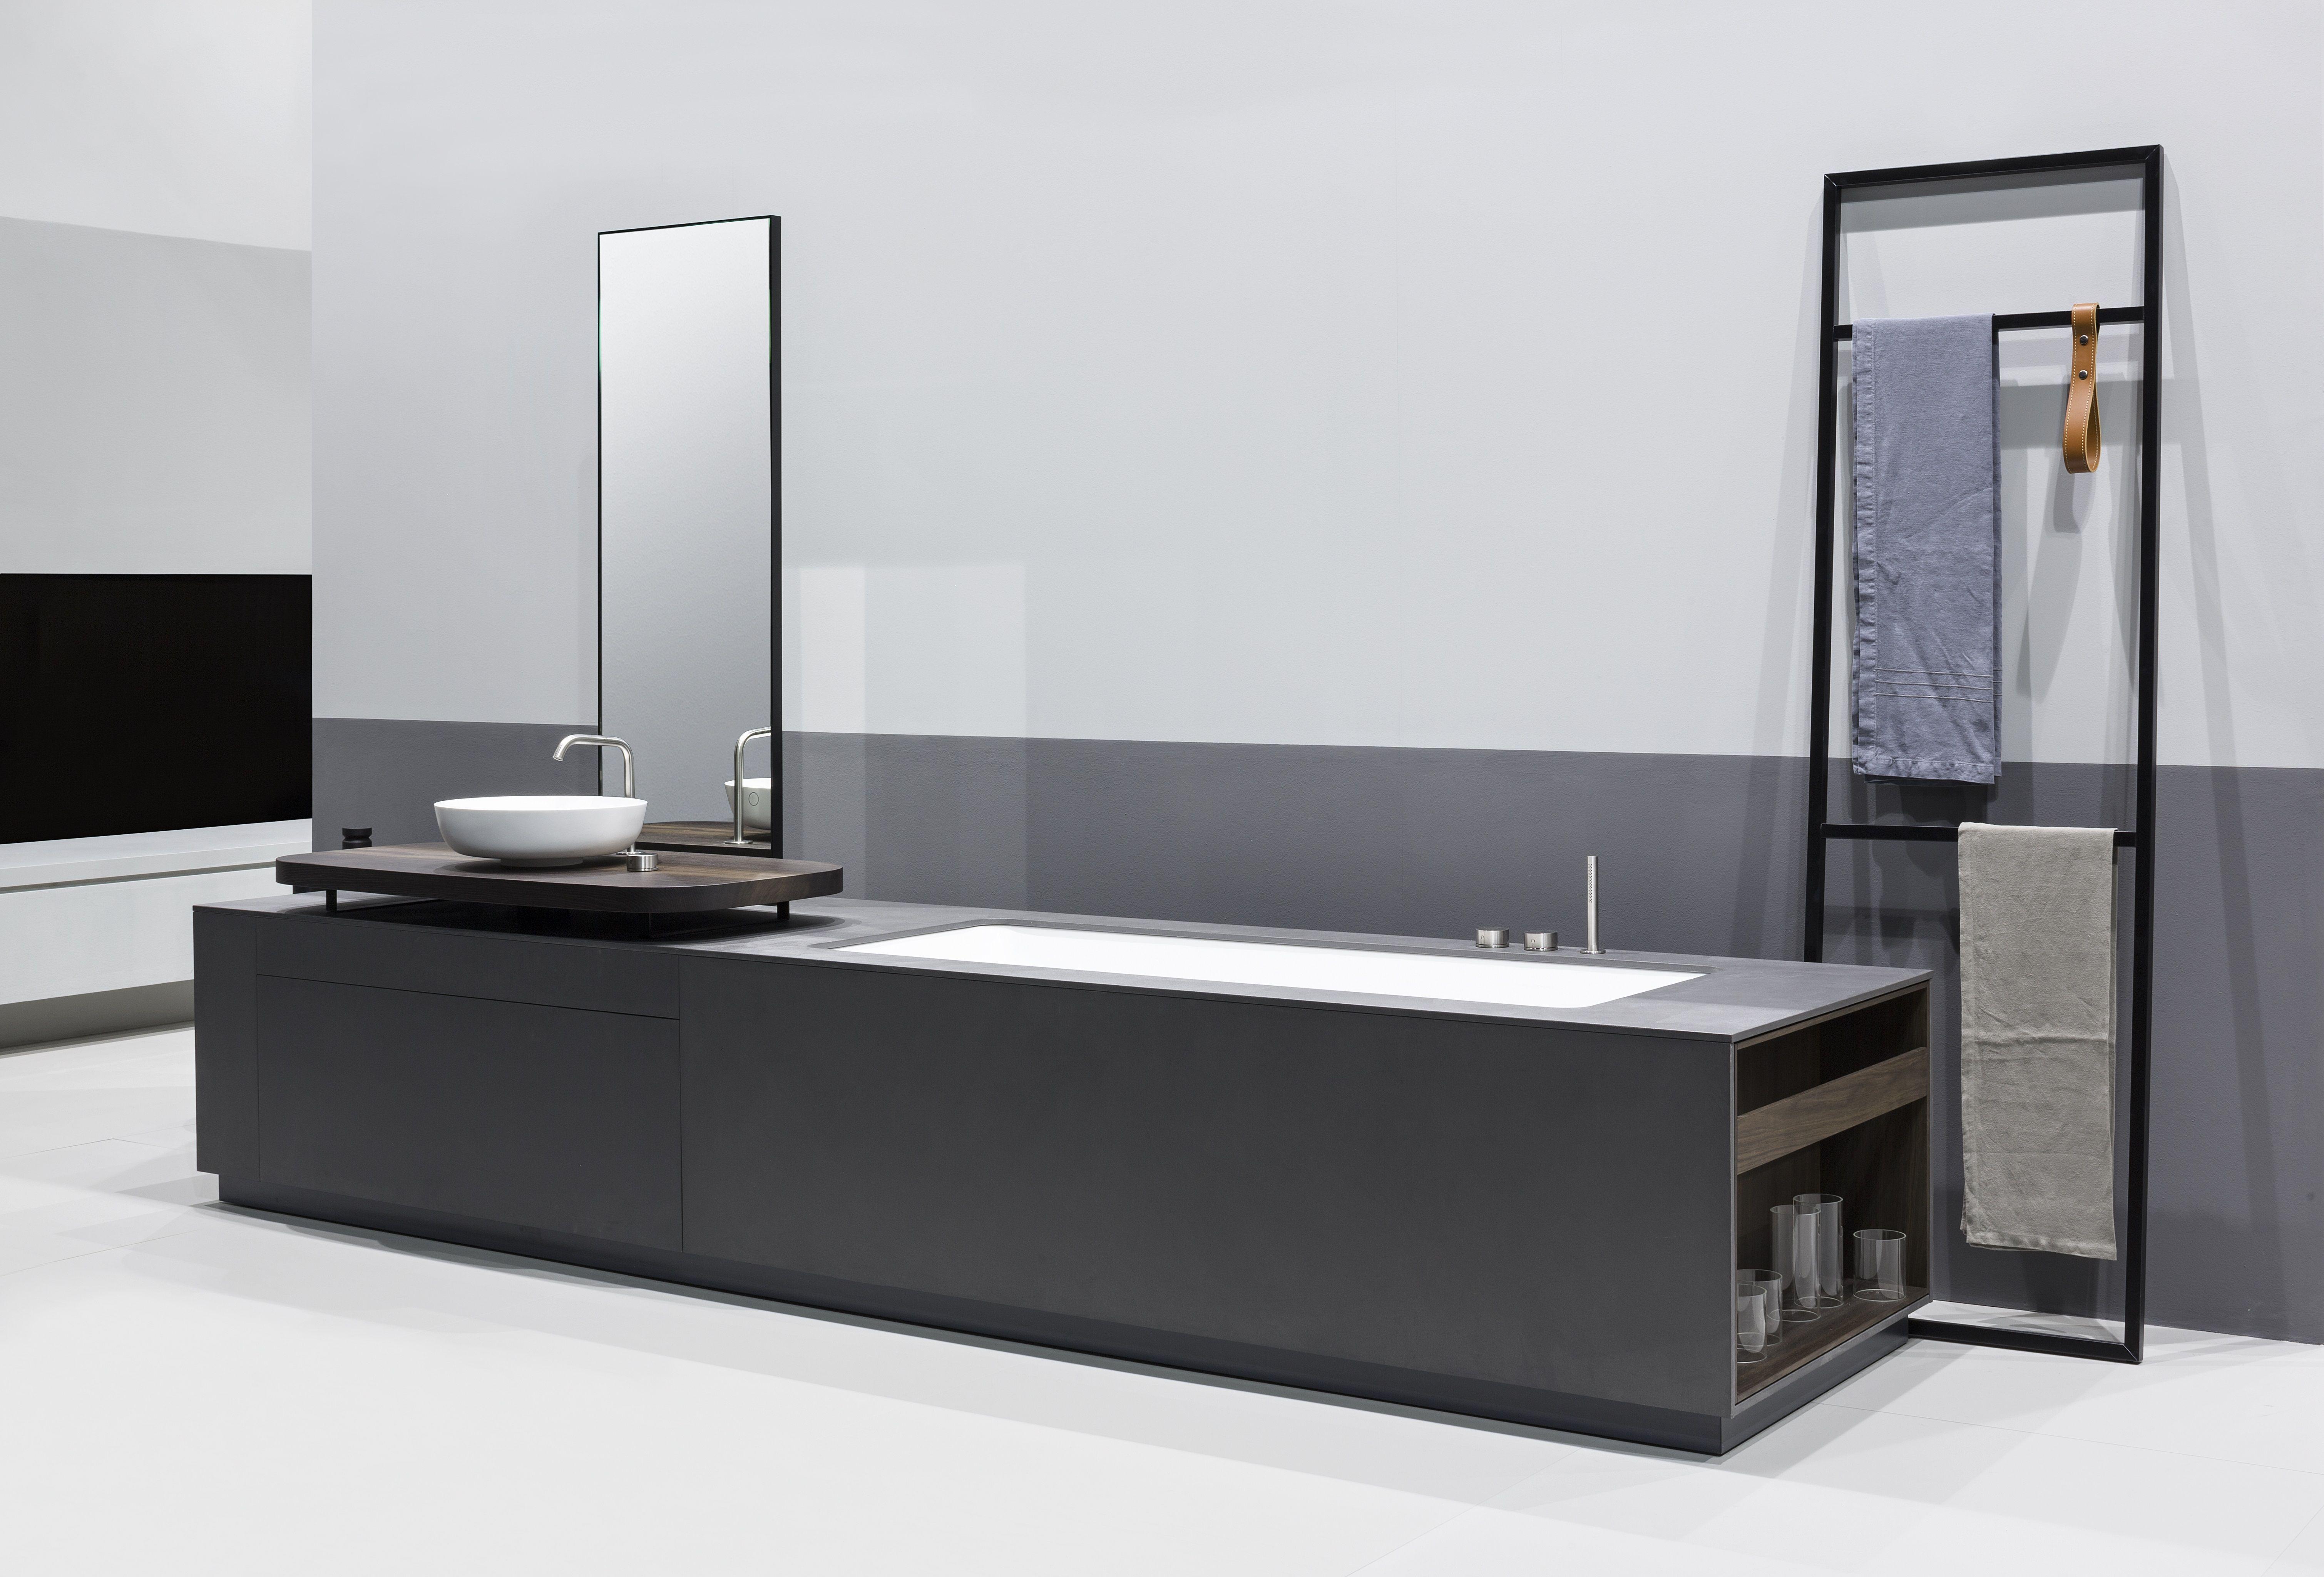 Bathroom Accessories For Men manhattan is a bathtub washbasin system for the bathroom in grey